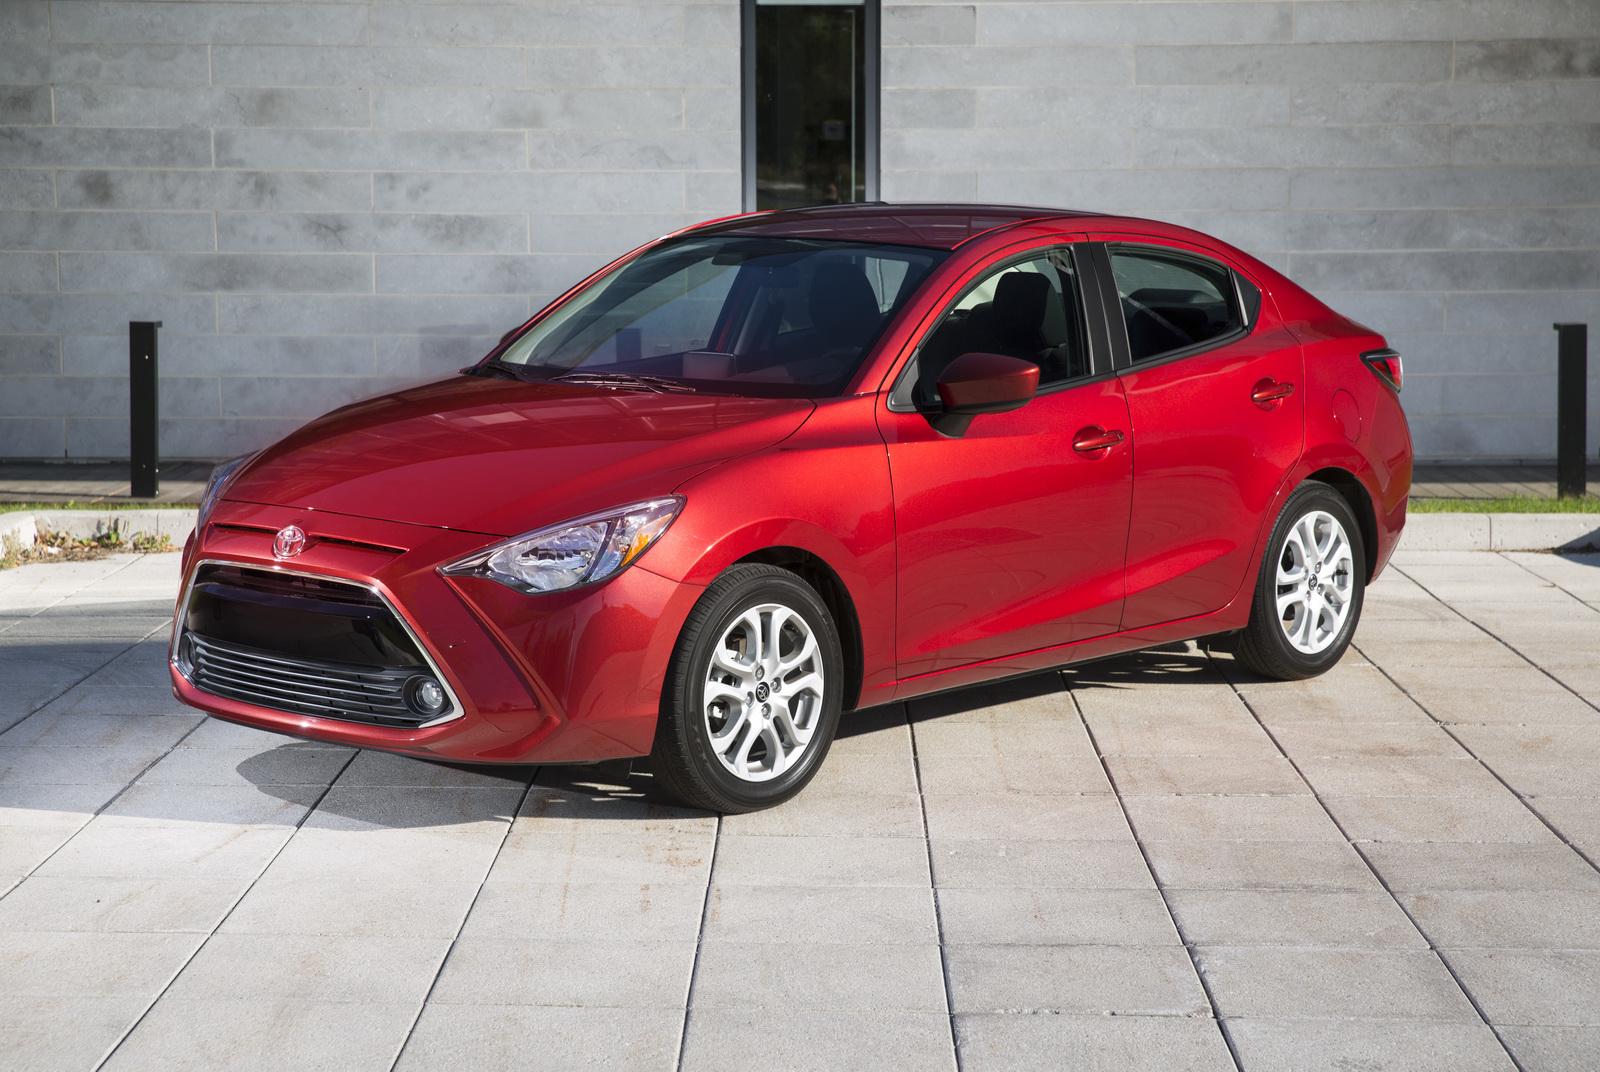 Kekurangan Toyota Yaris 2016 Review